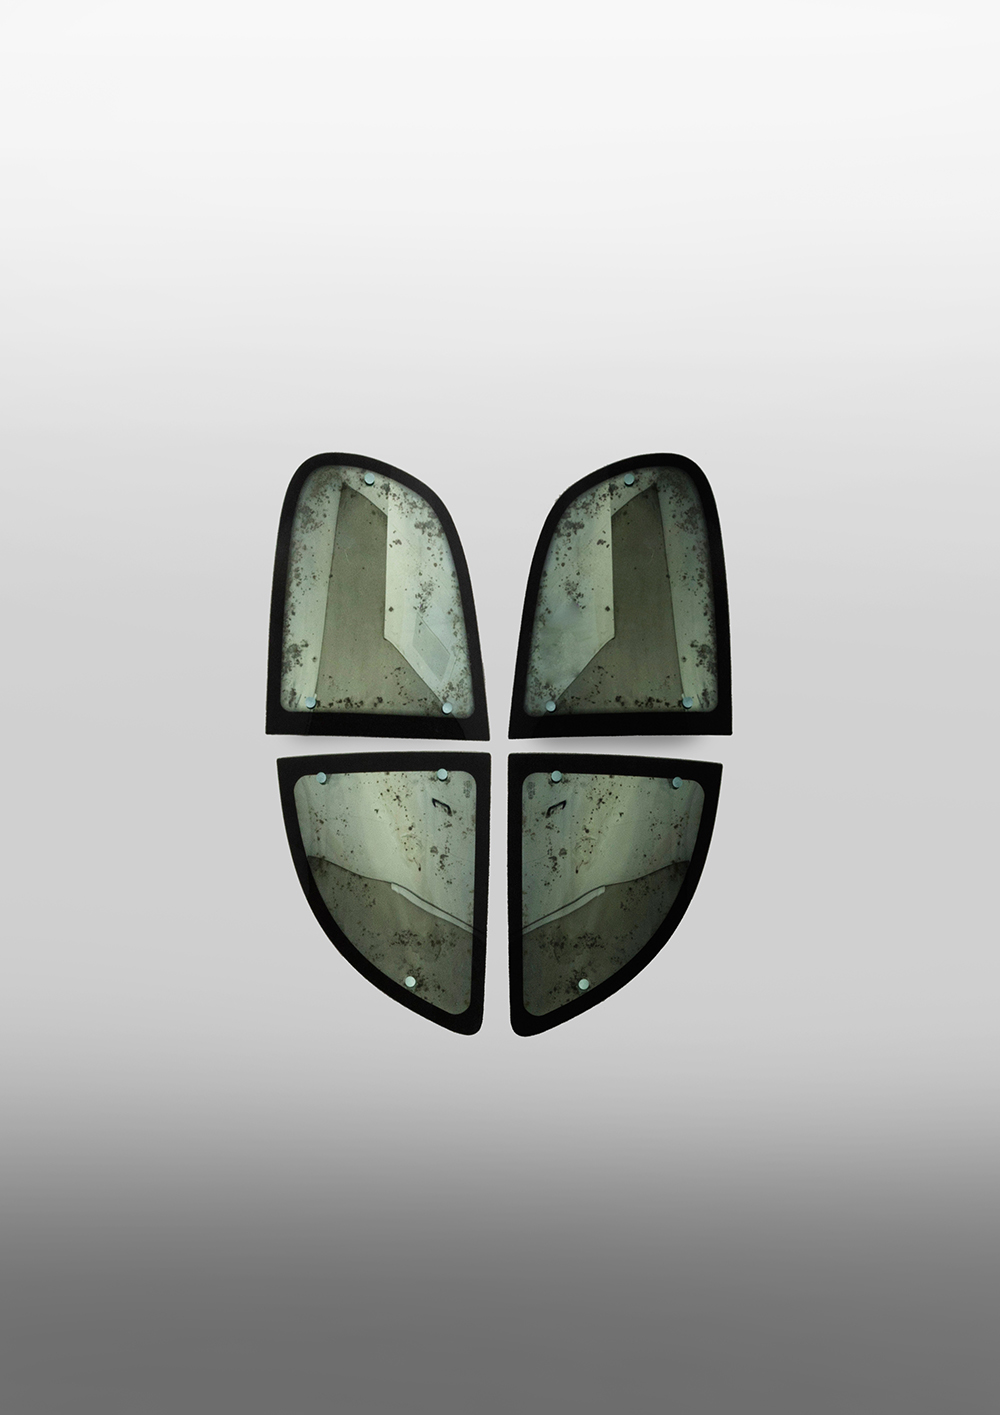 StudioNucleo_souvenir mirrors_composition_12